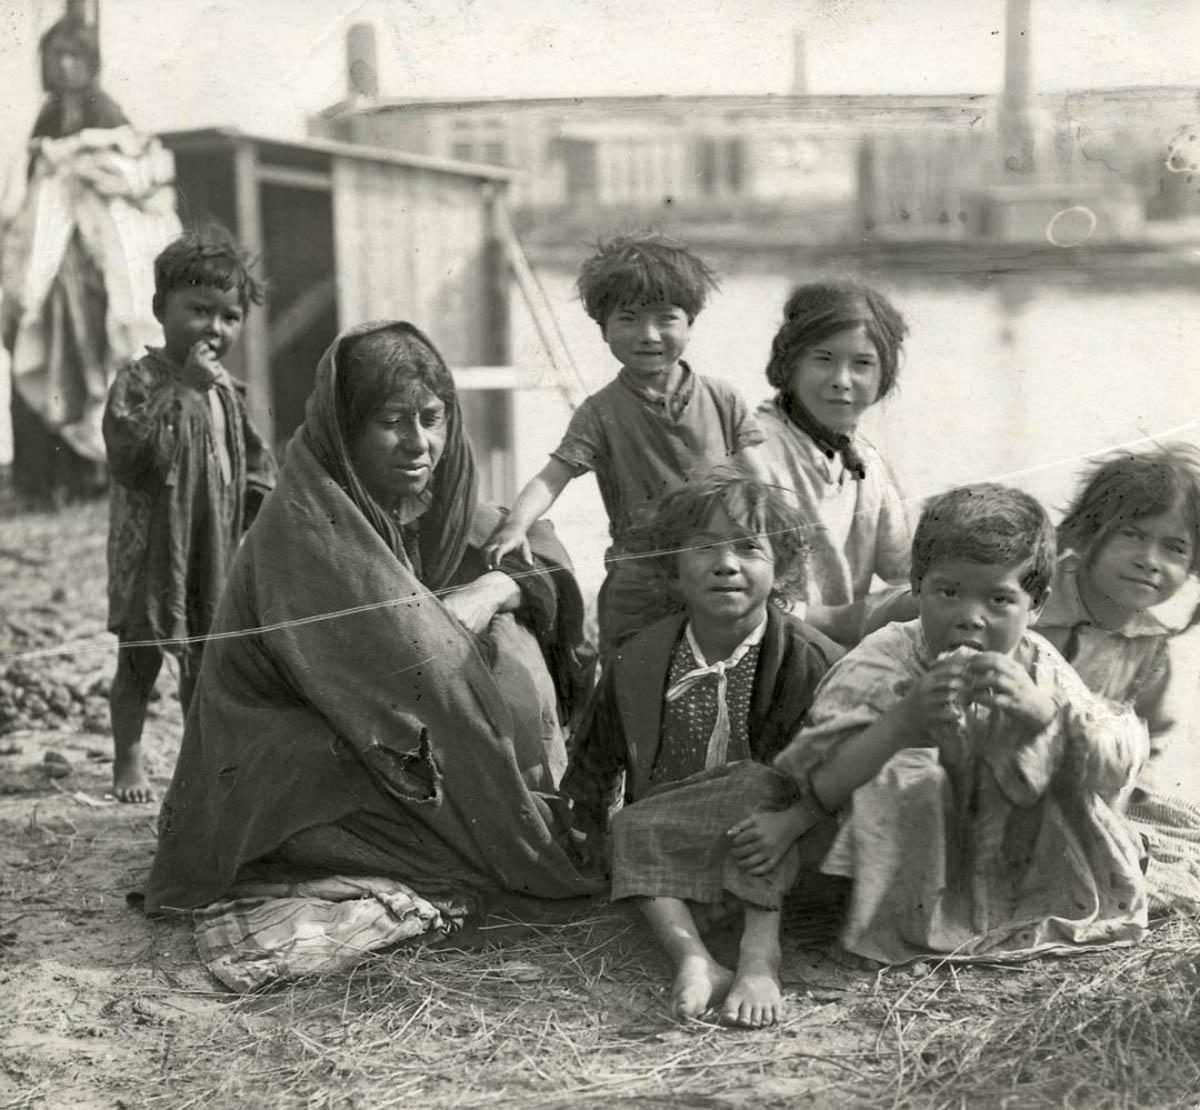 1091 Жизнь цыган в Европе до Второй Мировой войны